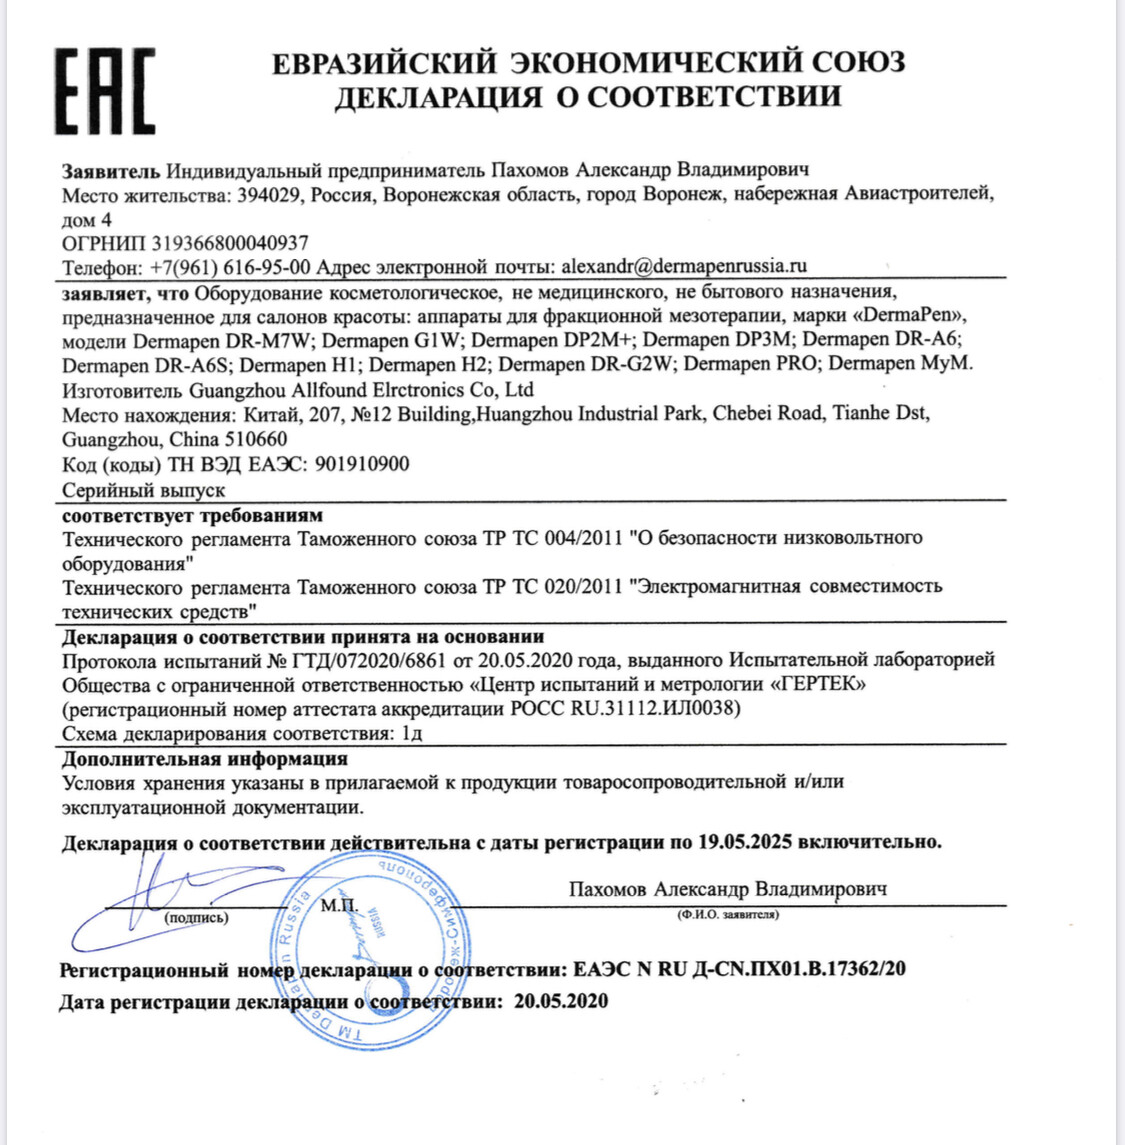 сертификат на дермапены ЕАС